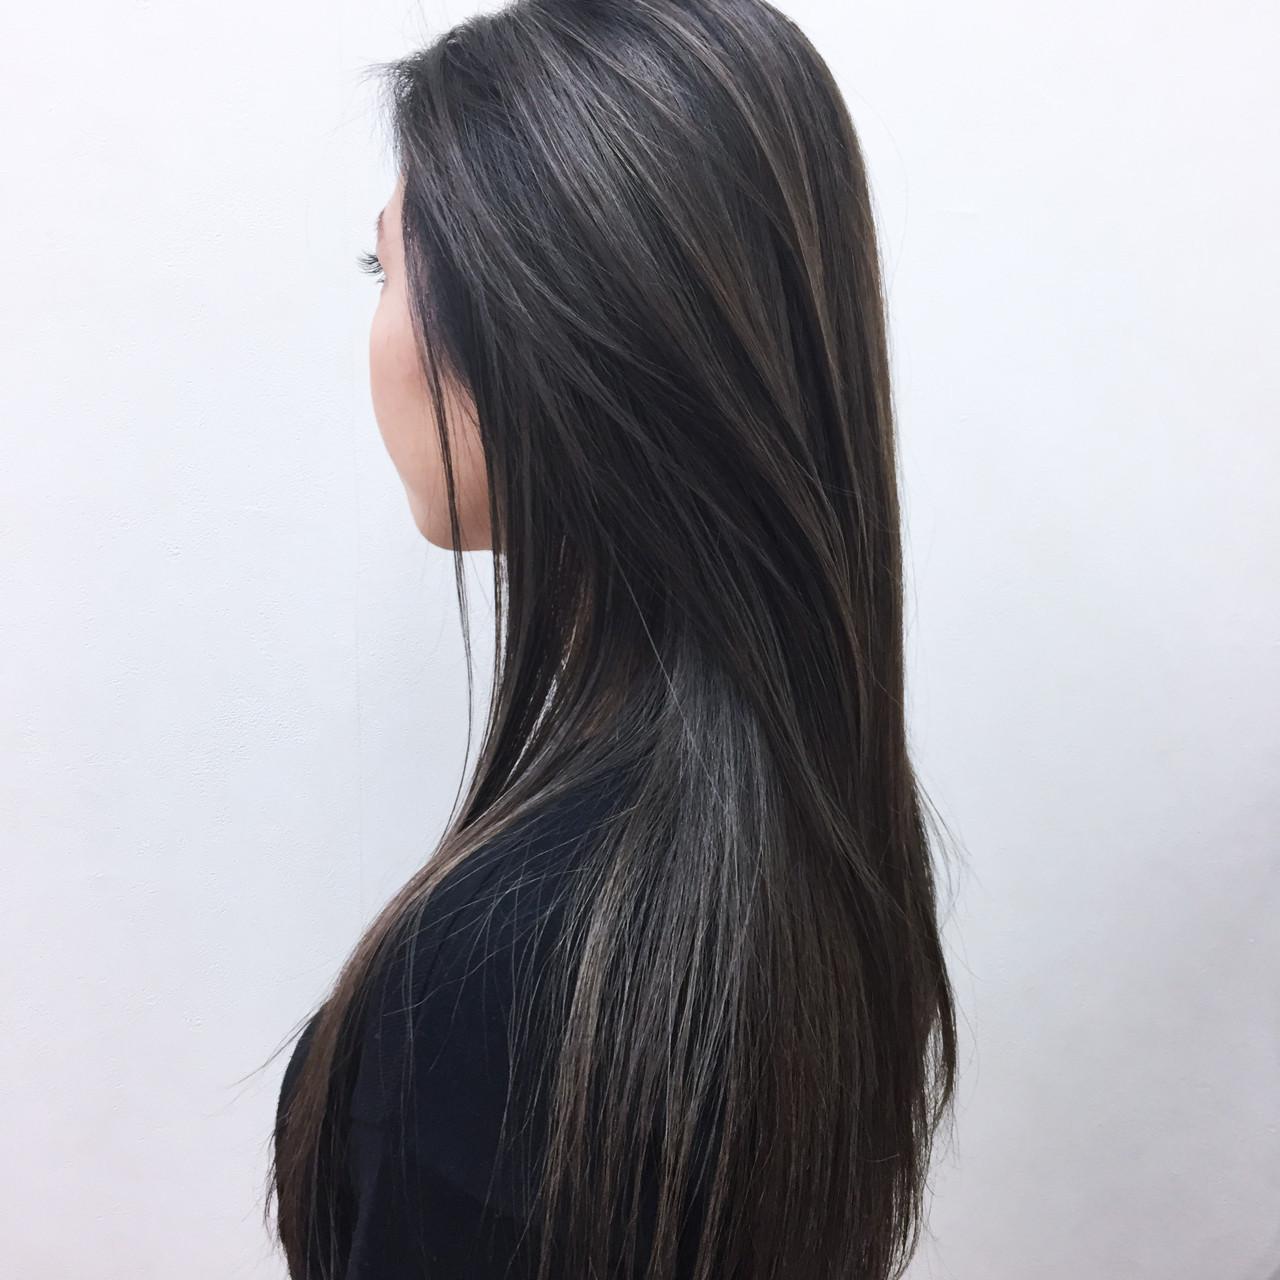 冬 ローライト ナチュラル ロング ヘアスタイルや髪型の写真・画像